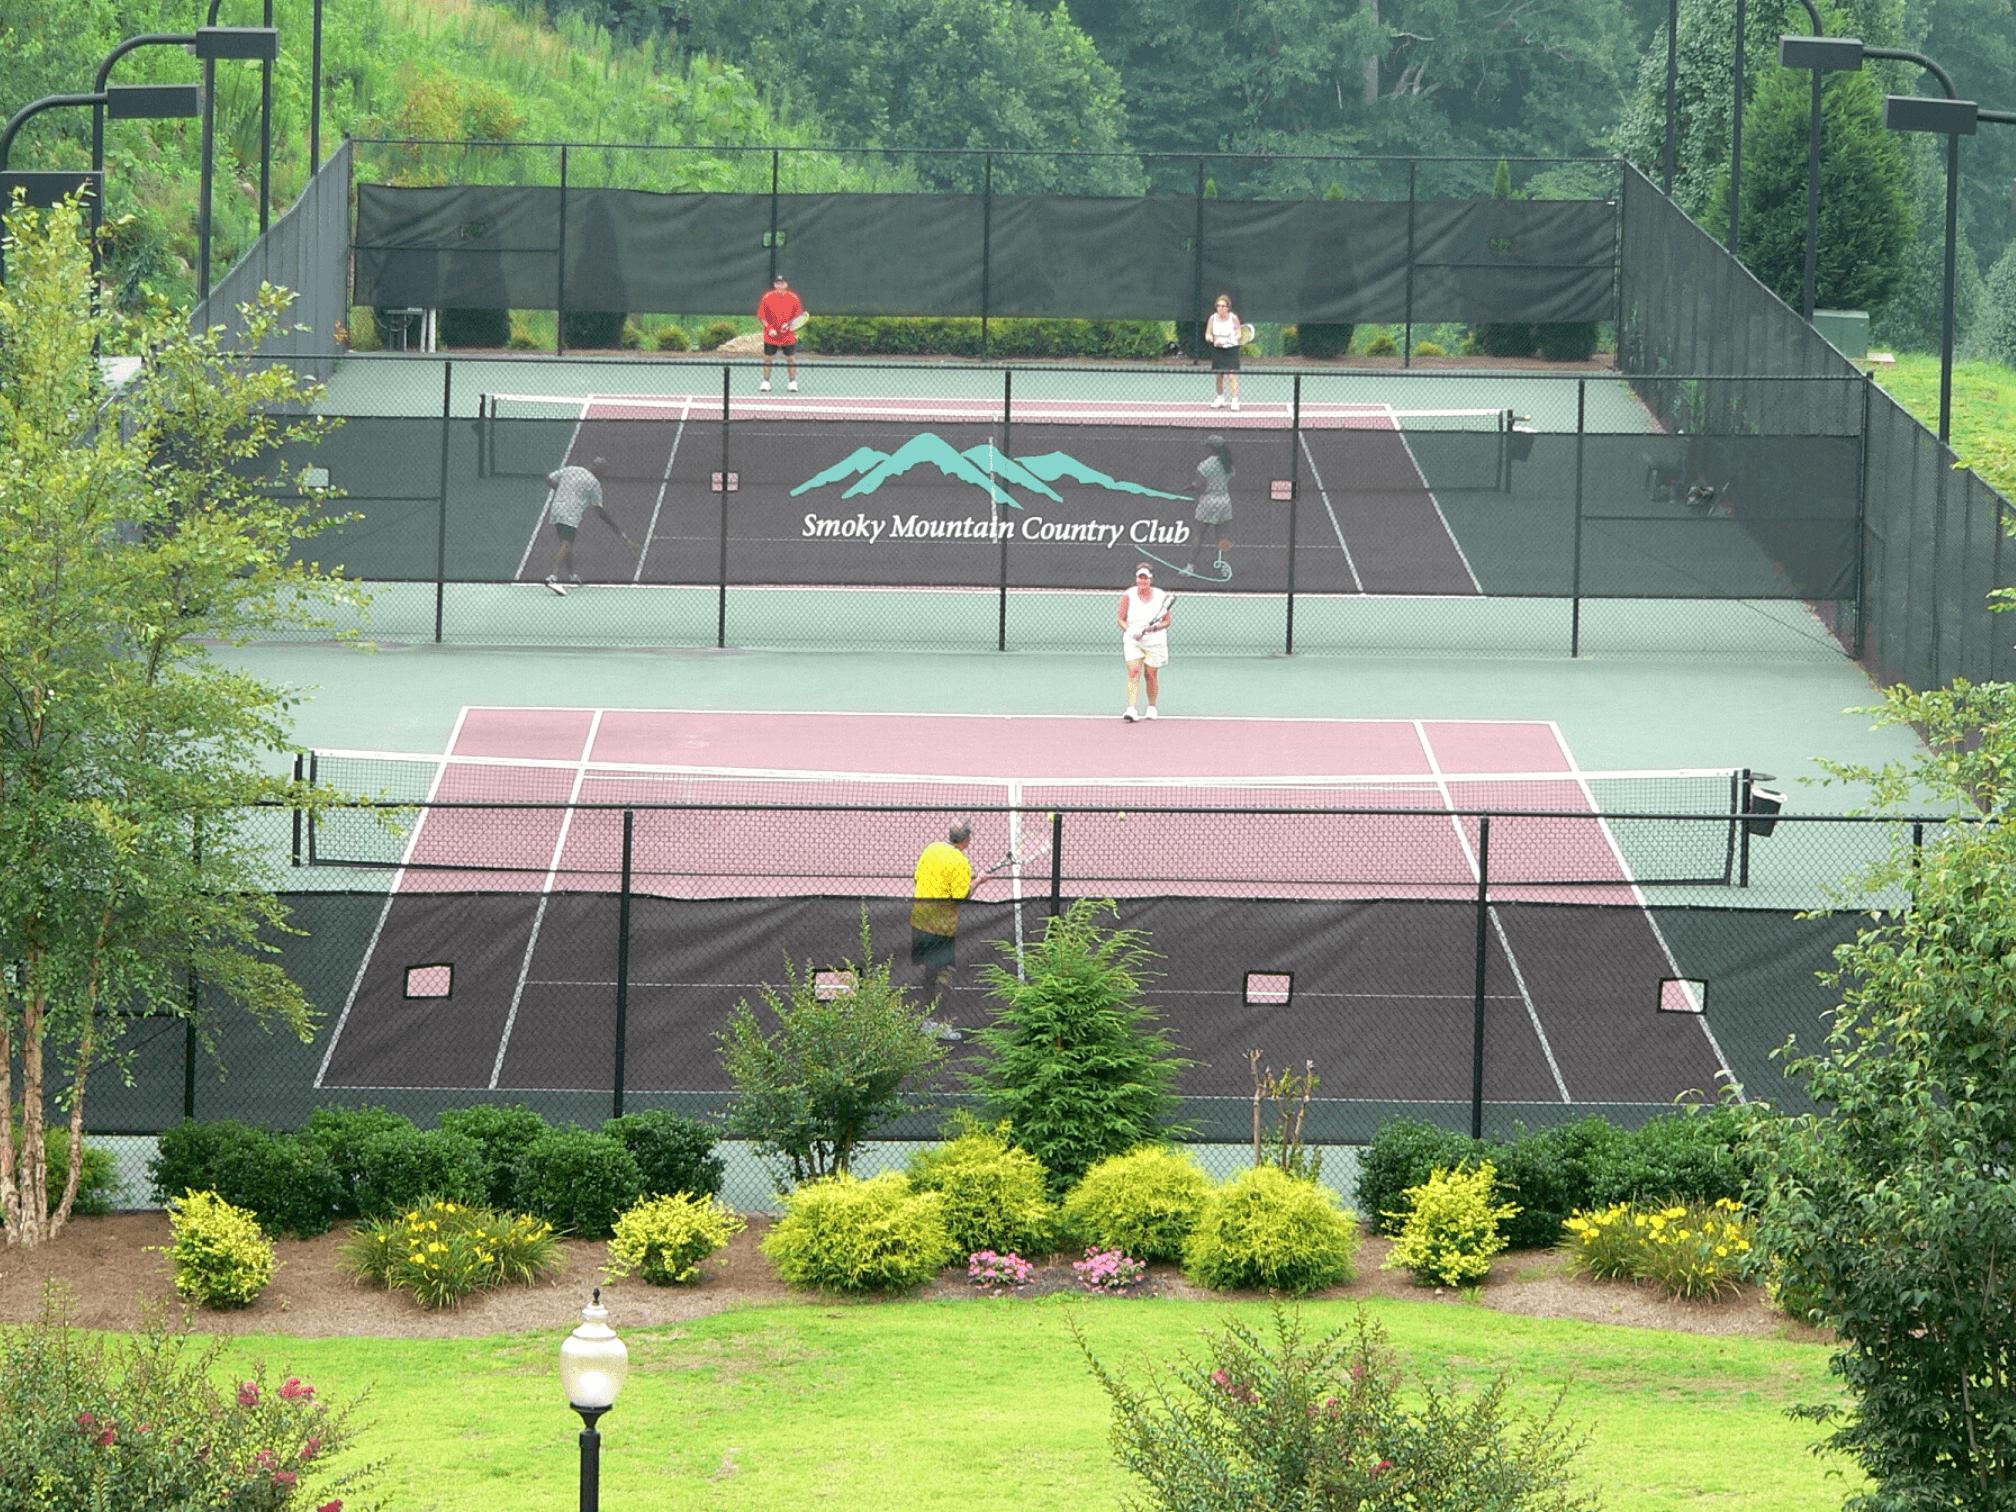 Smoky Mountain Tennis Courts